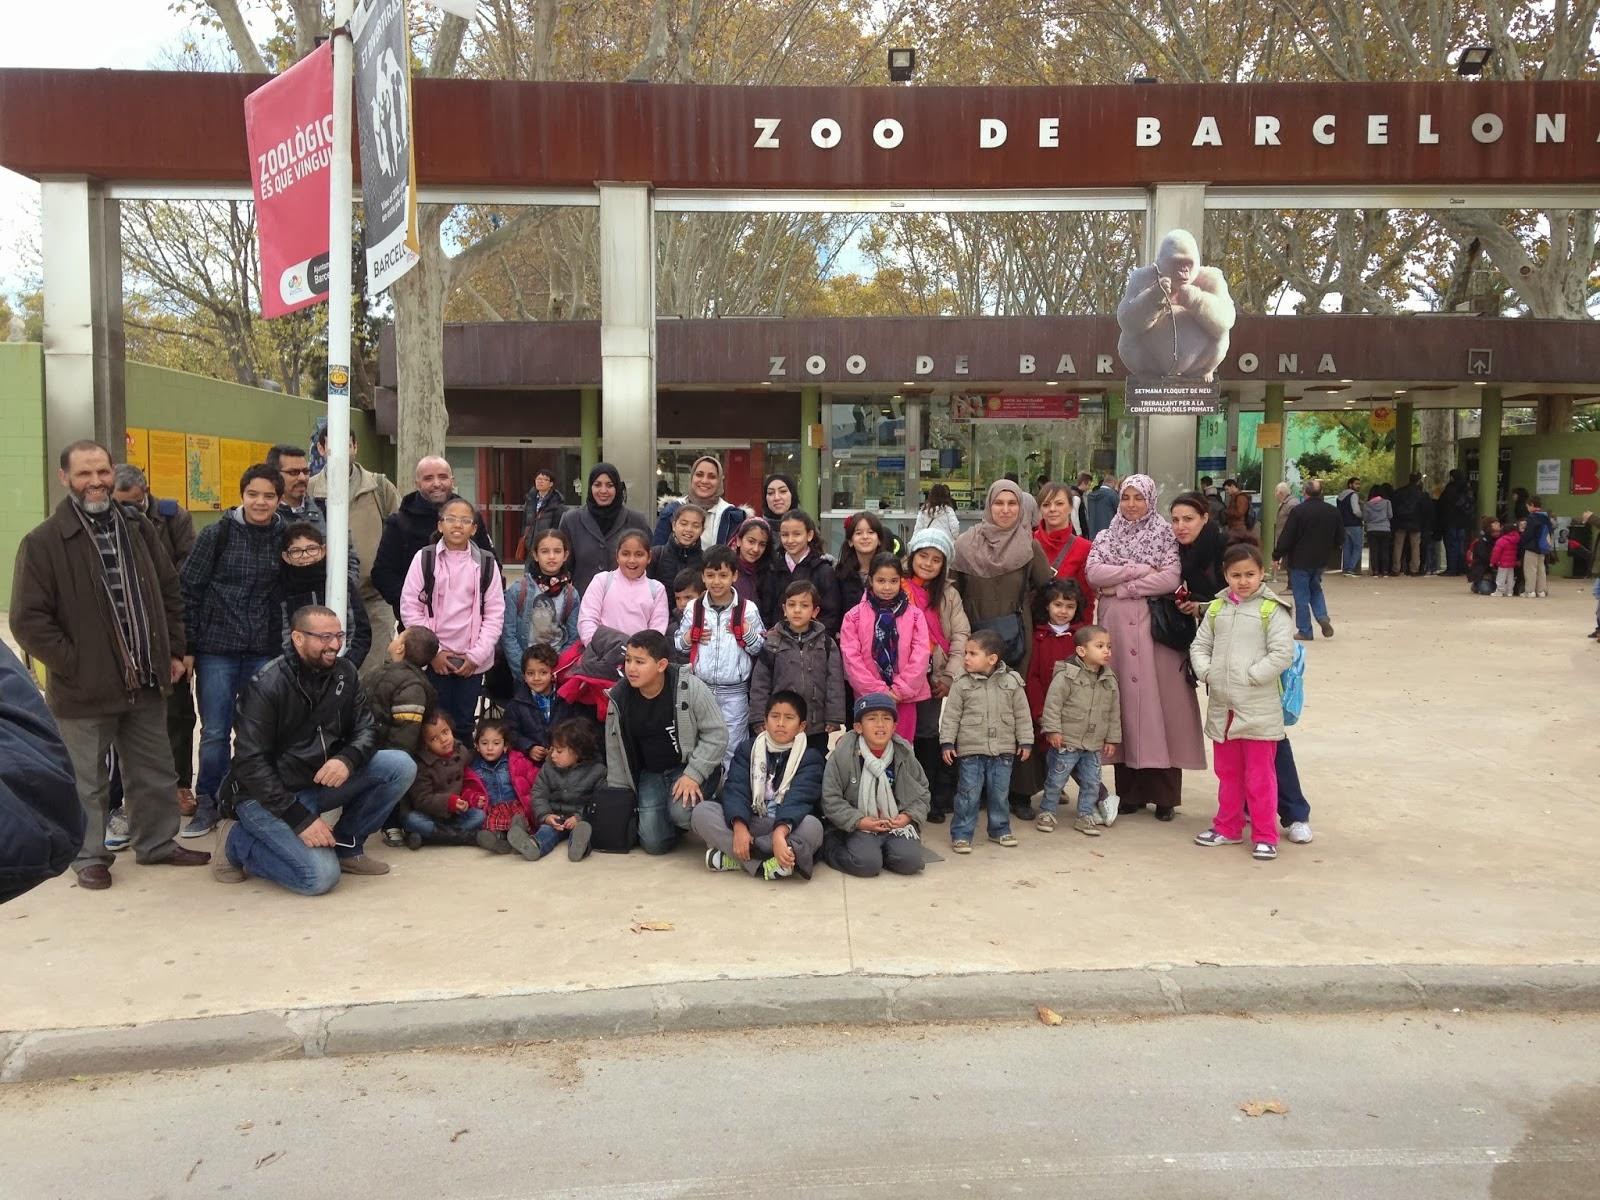 La Comunidad Islámica Al-Ijlas organiza una excursión al parque Zoológico de Barcelona